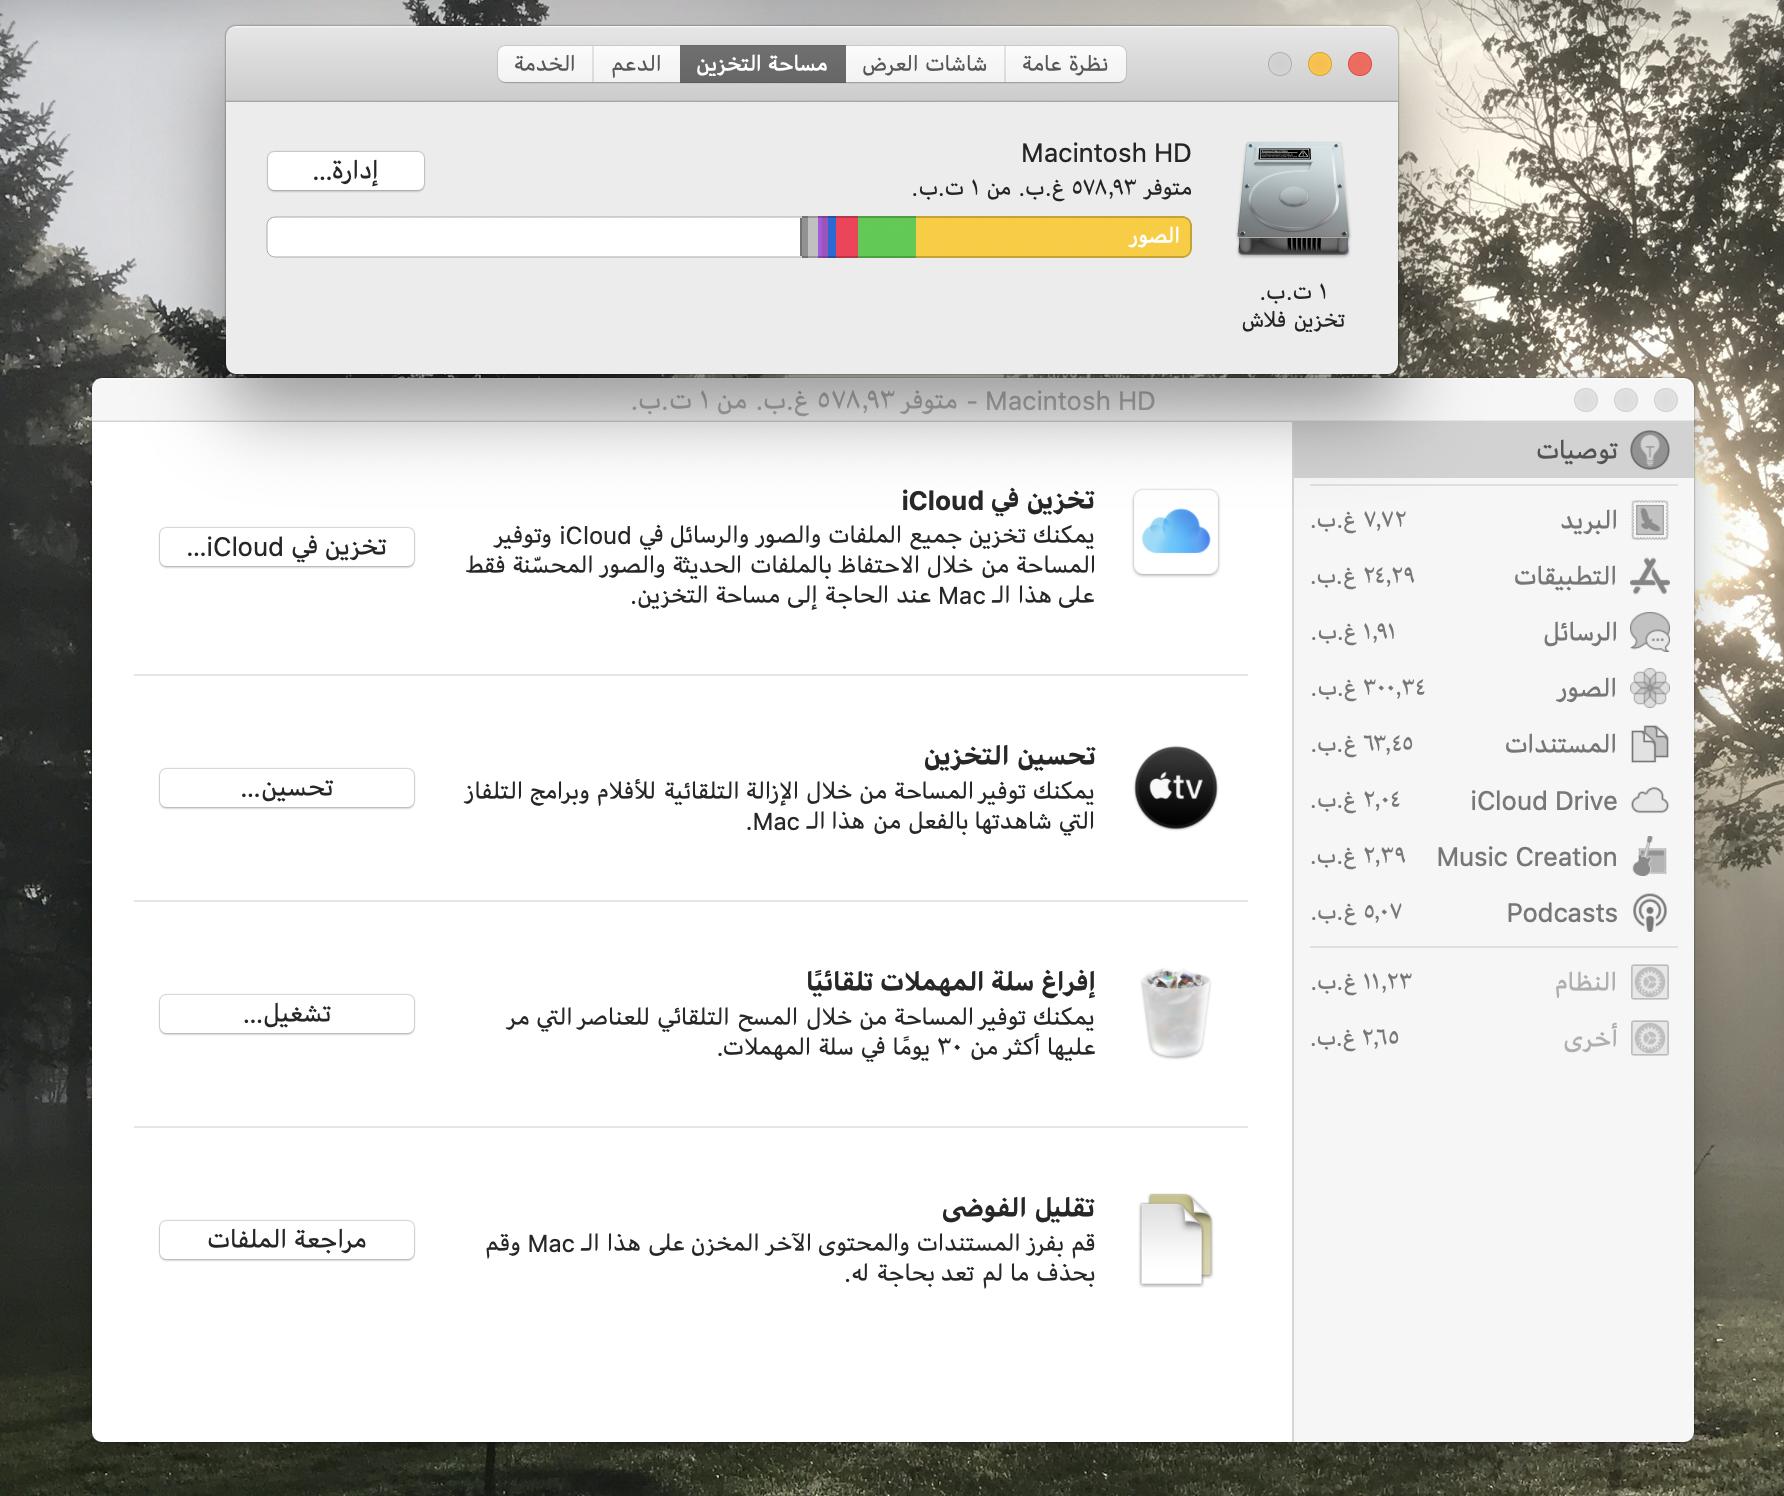 لقطة الشاشة ٢٠٢٠-١٠-٠٧ في ٩.٣٥.٣٥ص.png